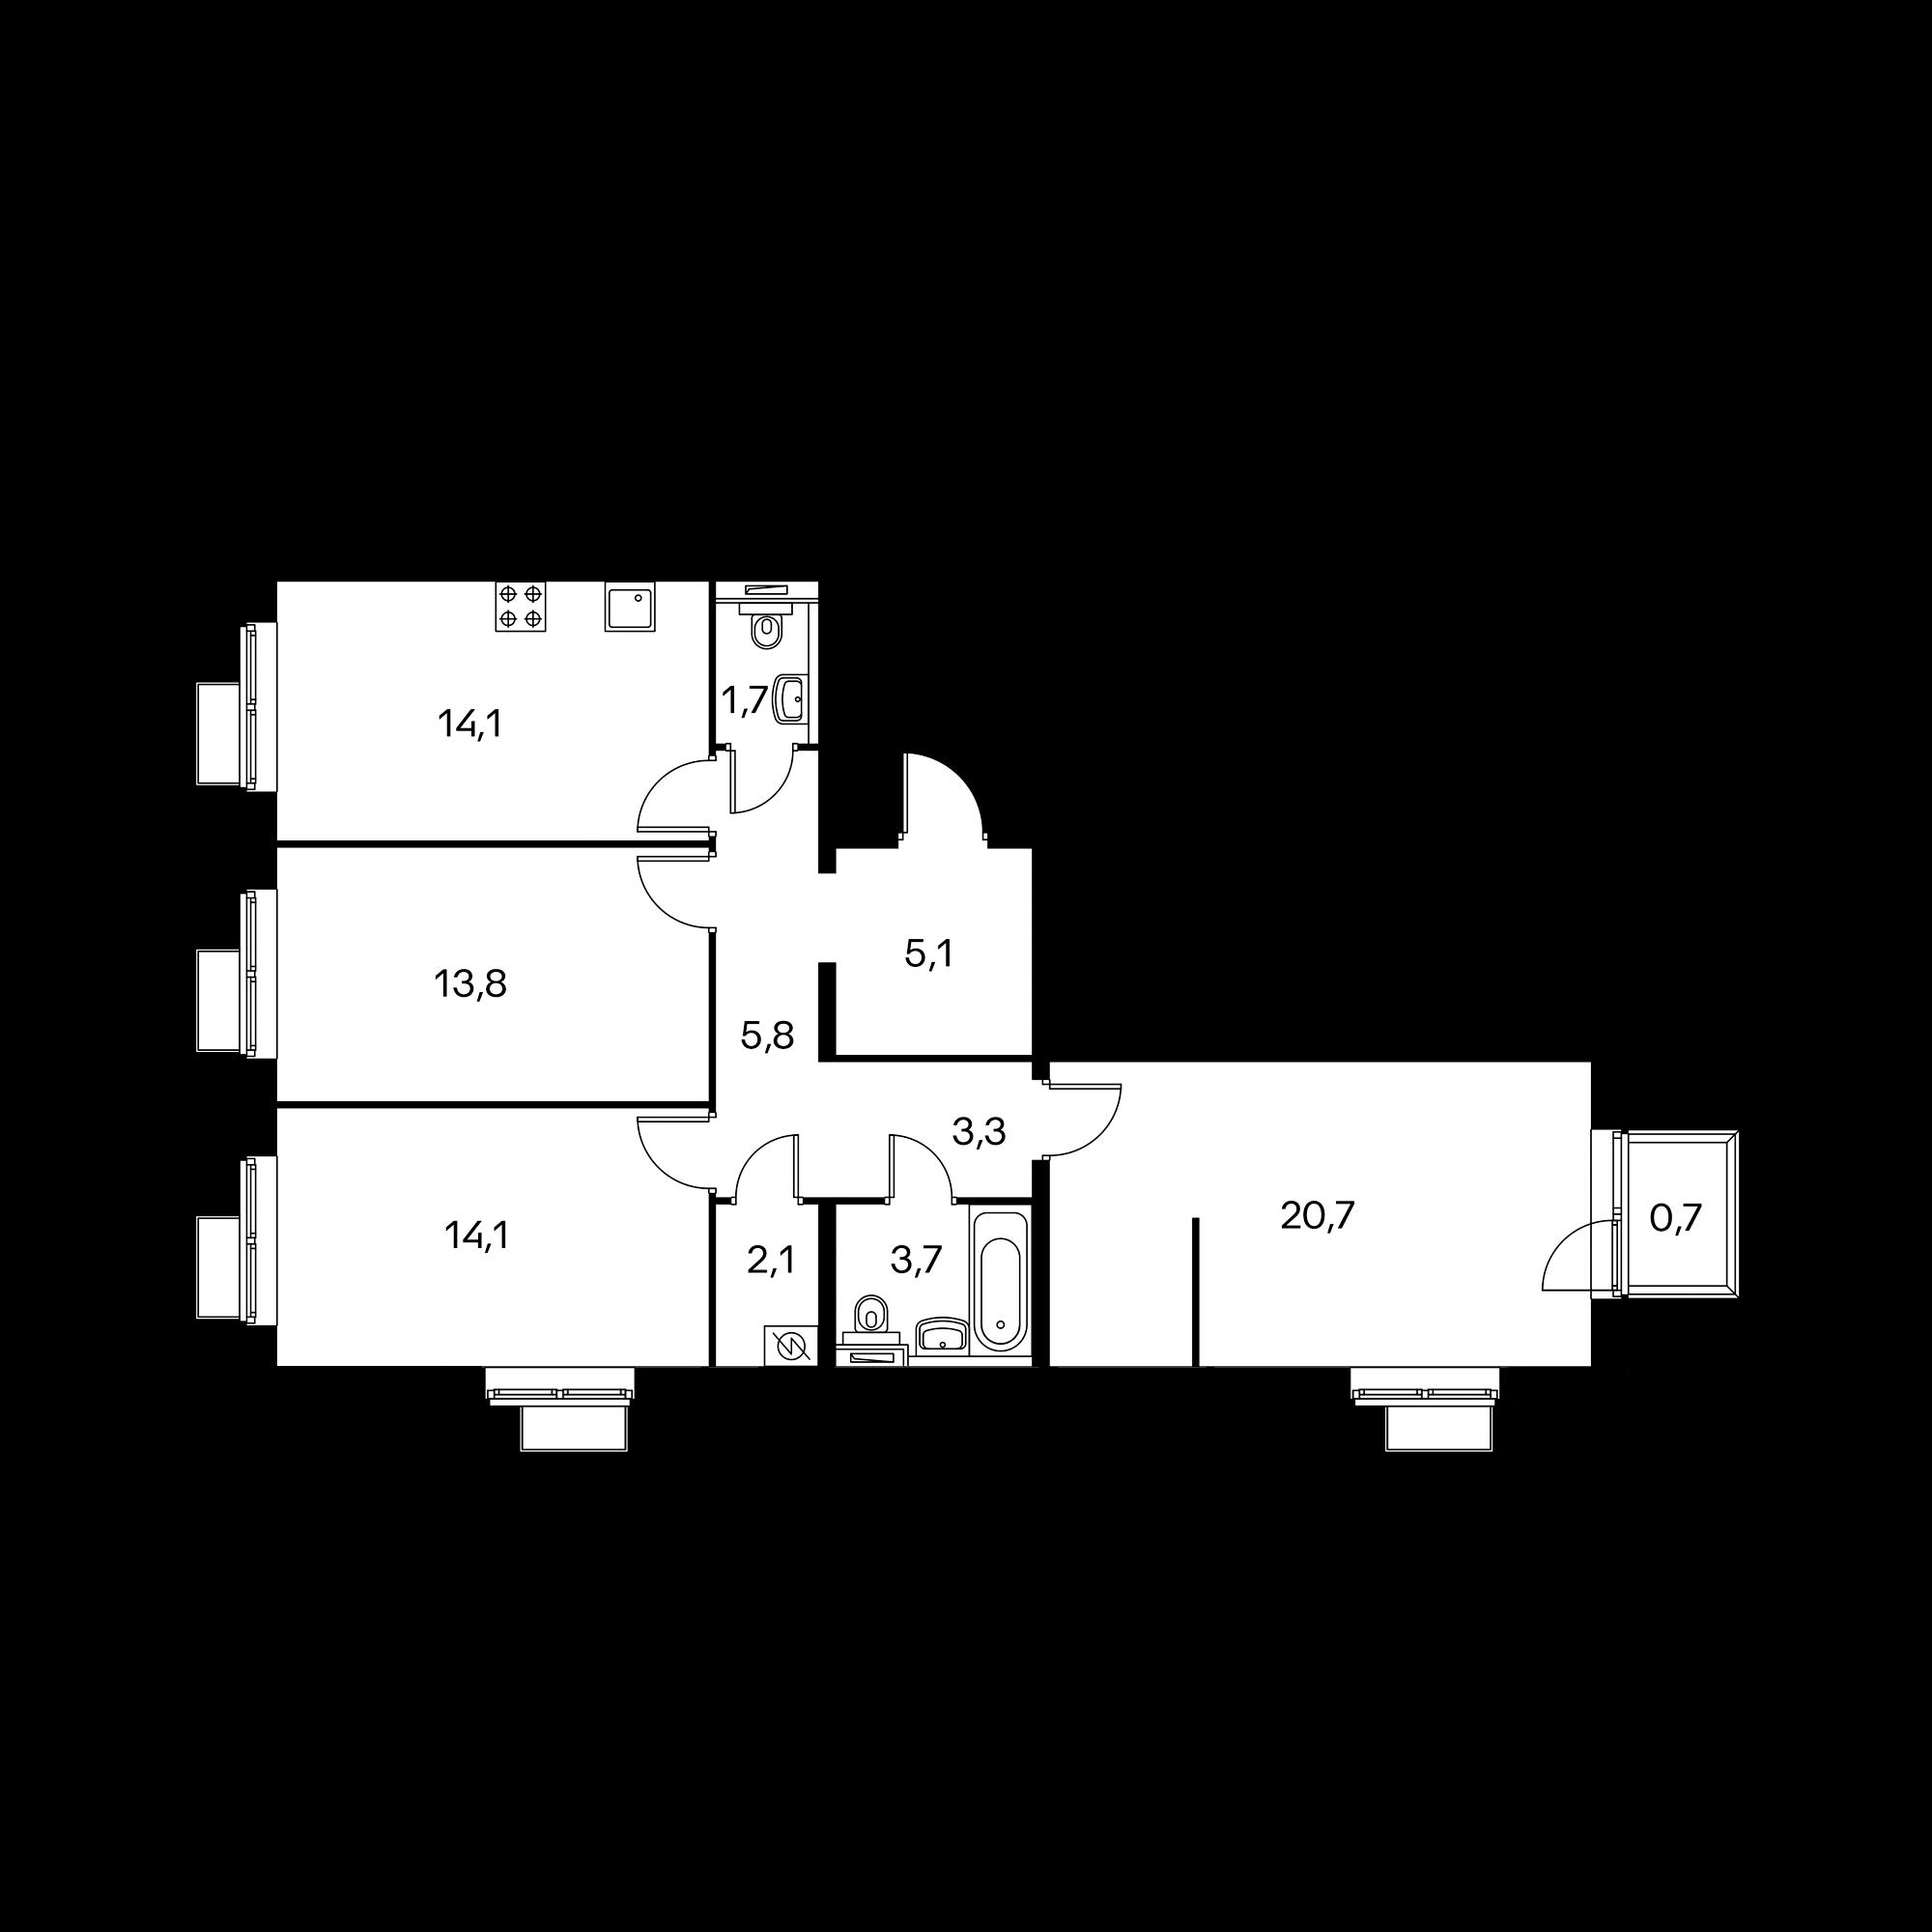 3KL13_9.0-1_S_AB2*